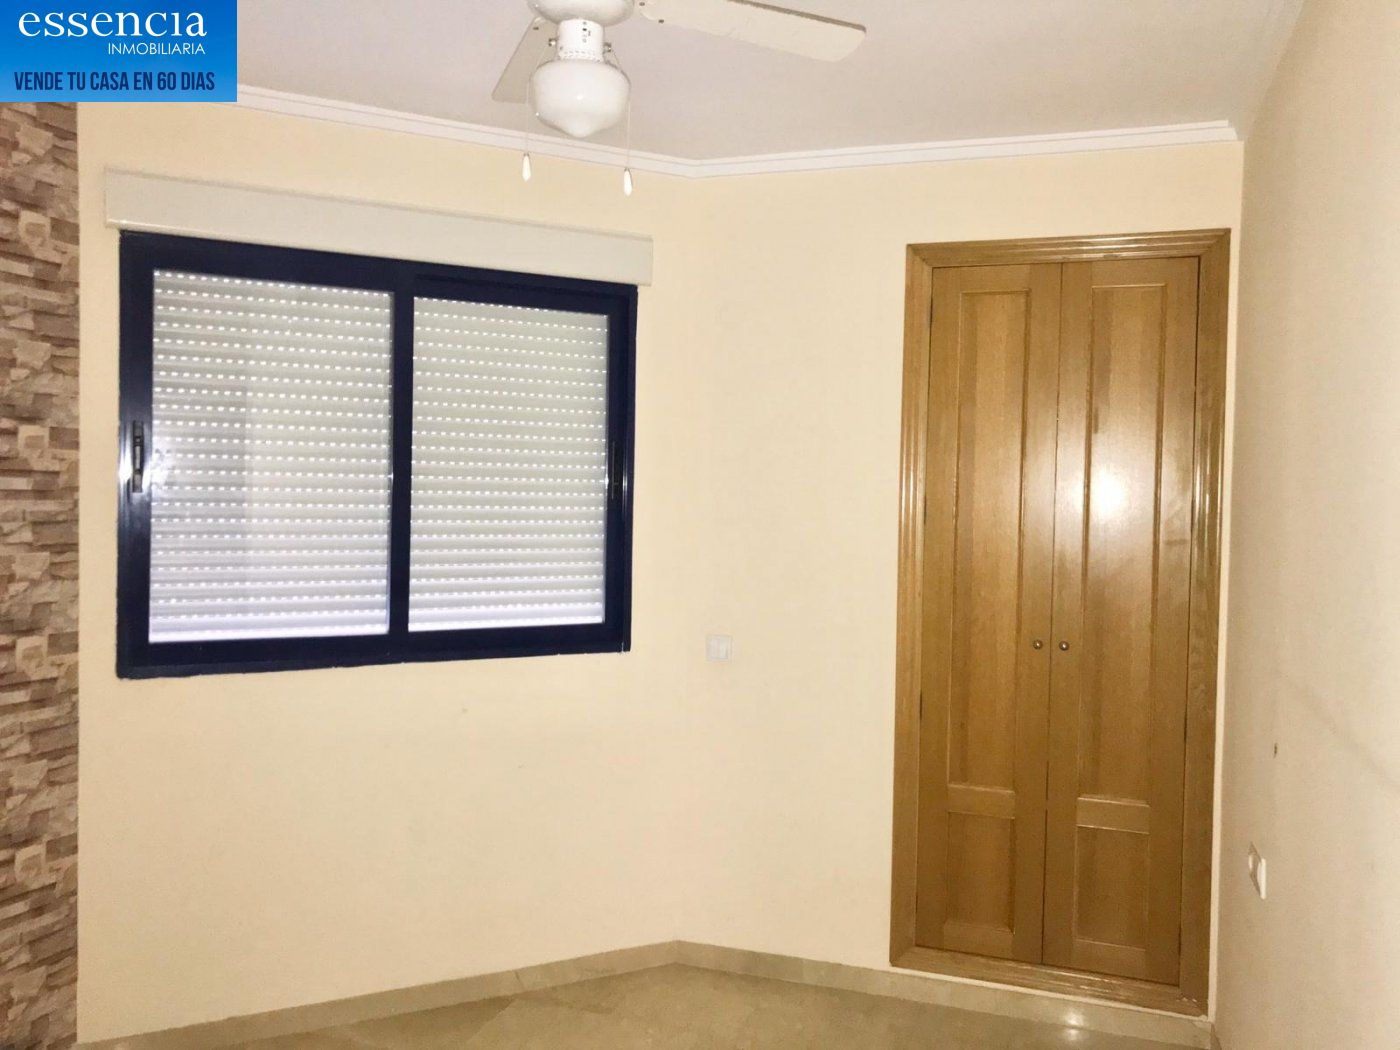 Apartamento de 2 dormitorios y 2 baños con salón con balcón. - imagenInmueble9